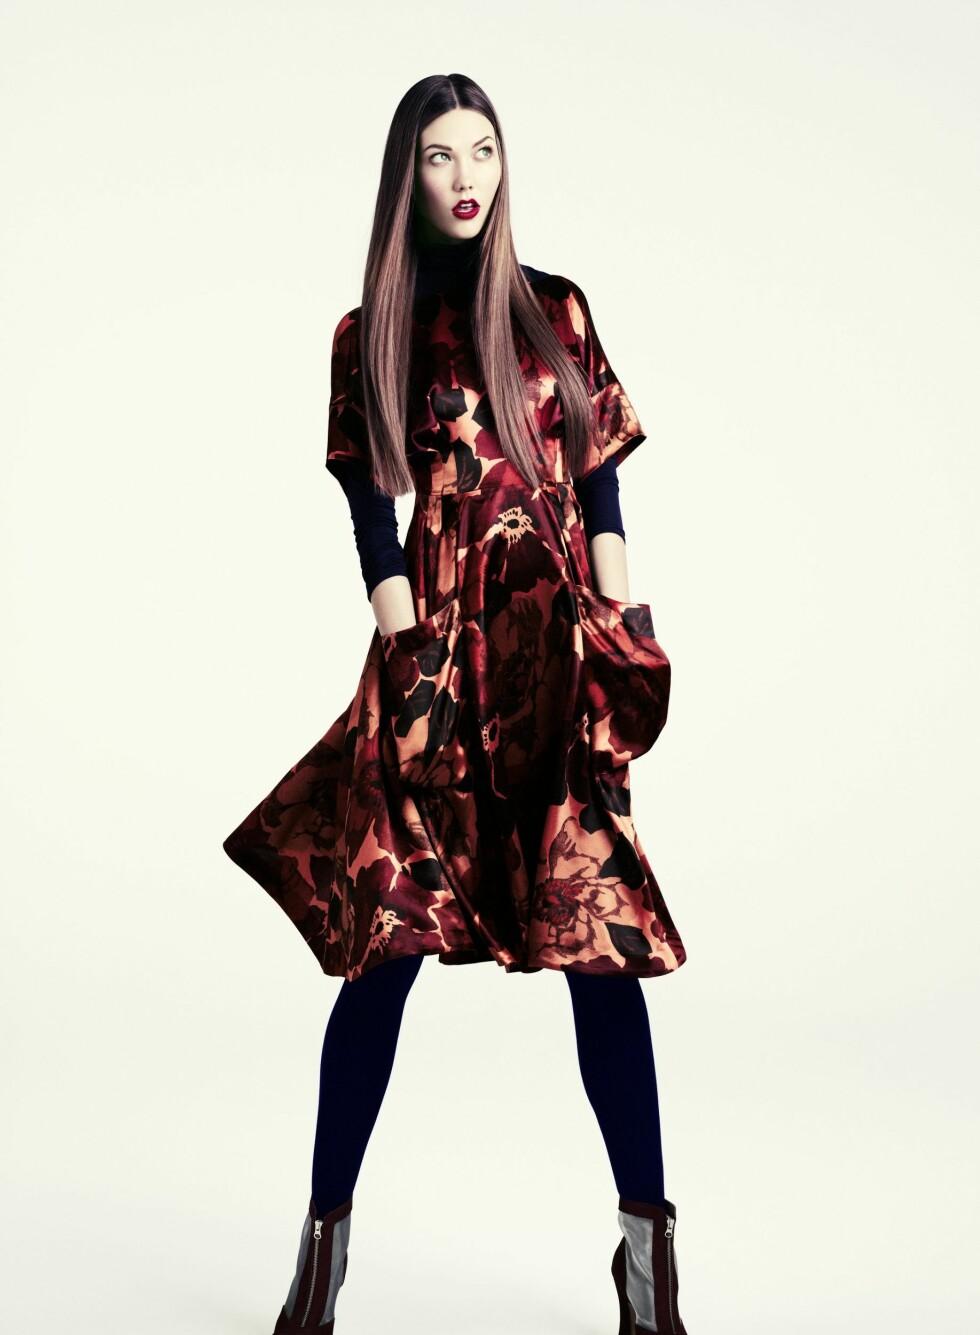 Mørkt og mystisk, men med de varme fargene i kjolemønsteret blir uttrykket likevel feminint. Foto: Produsenten